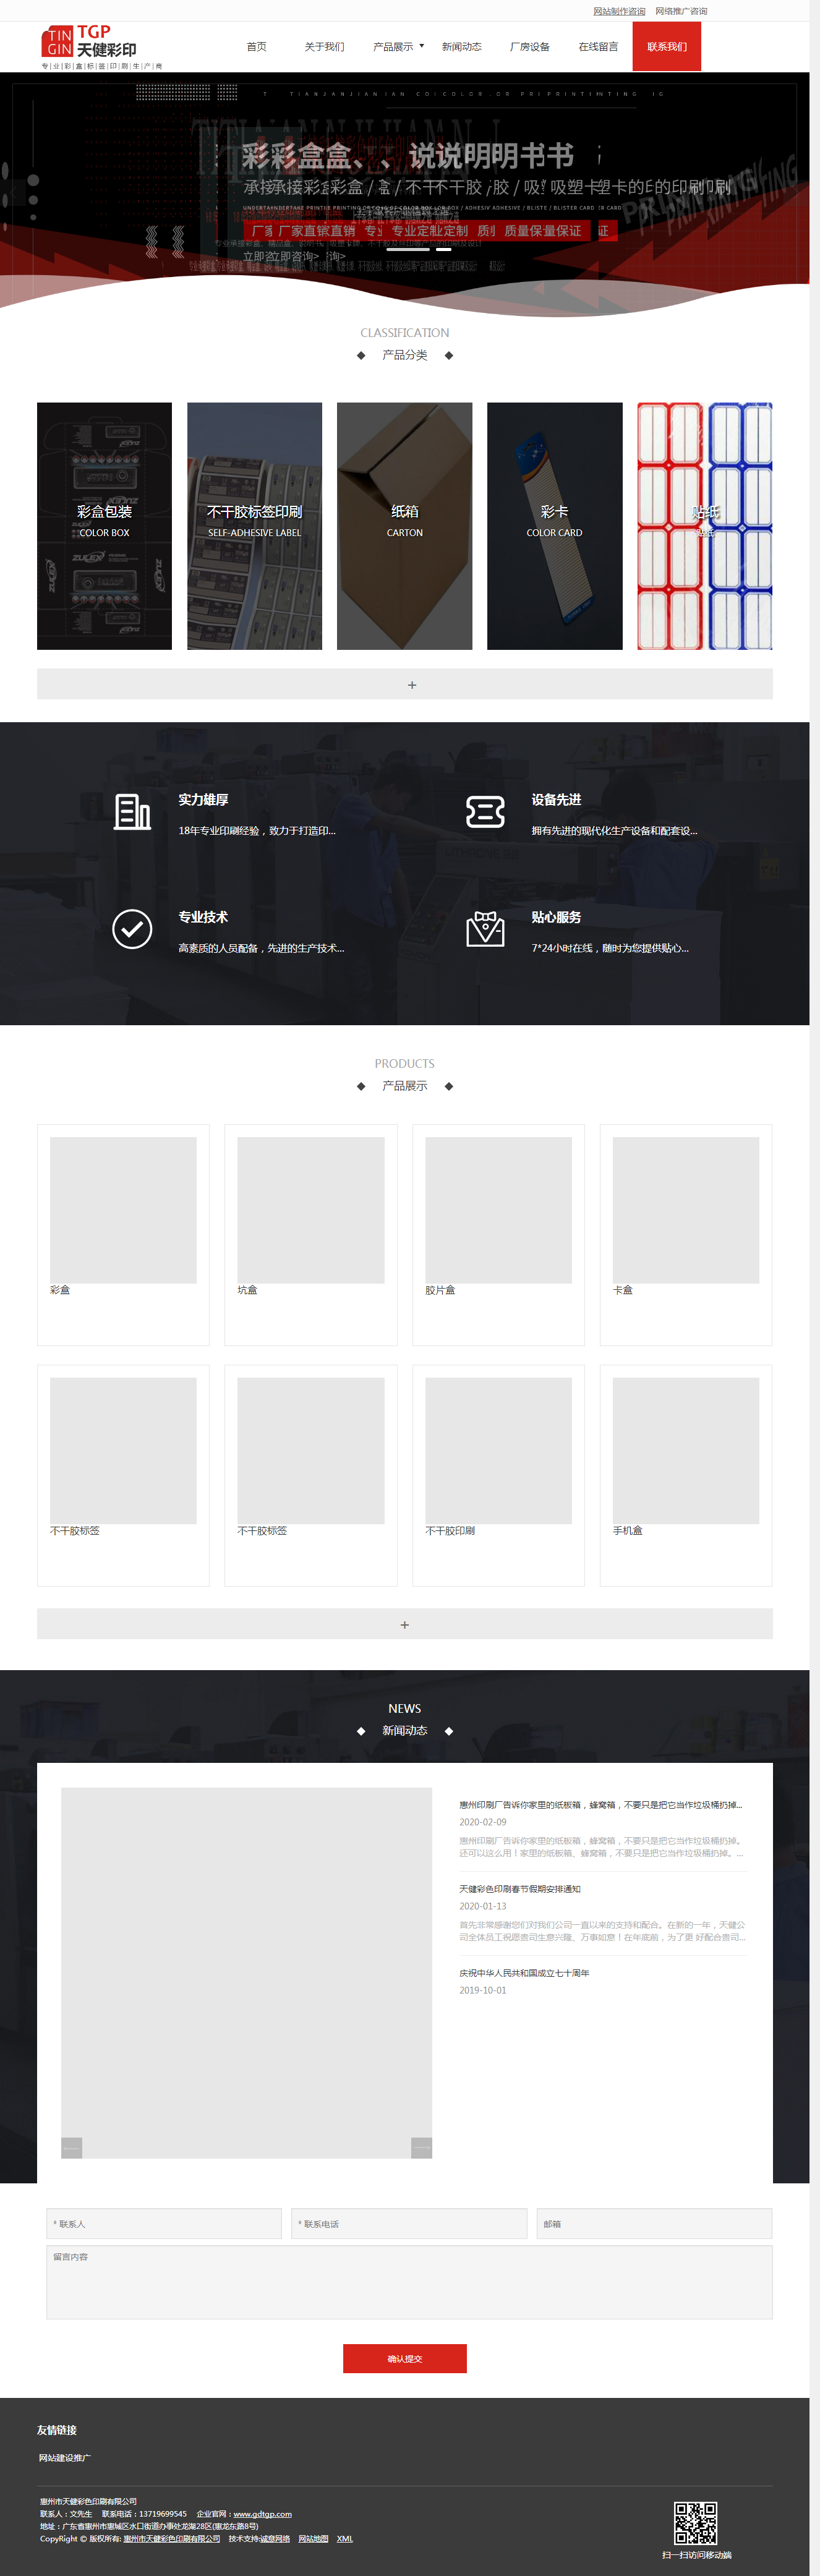 印刷厂网站建设